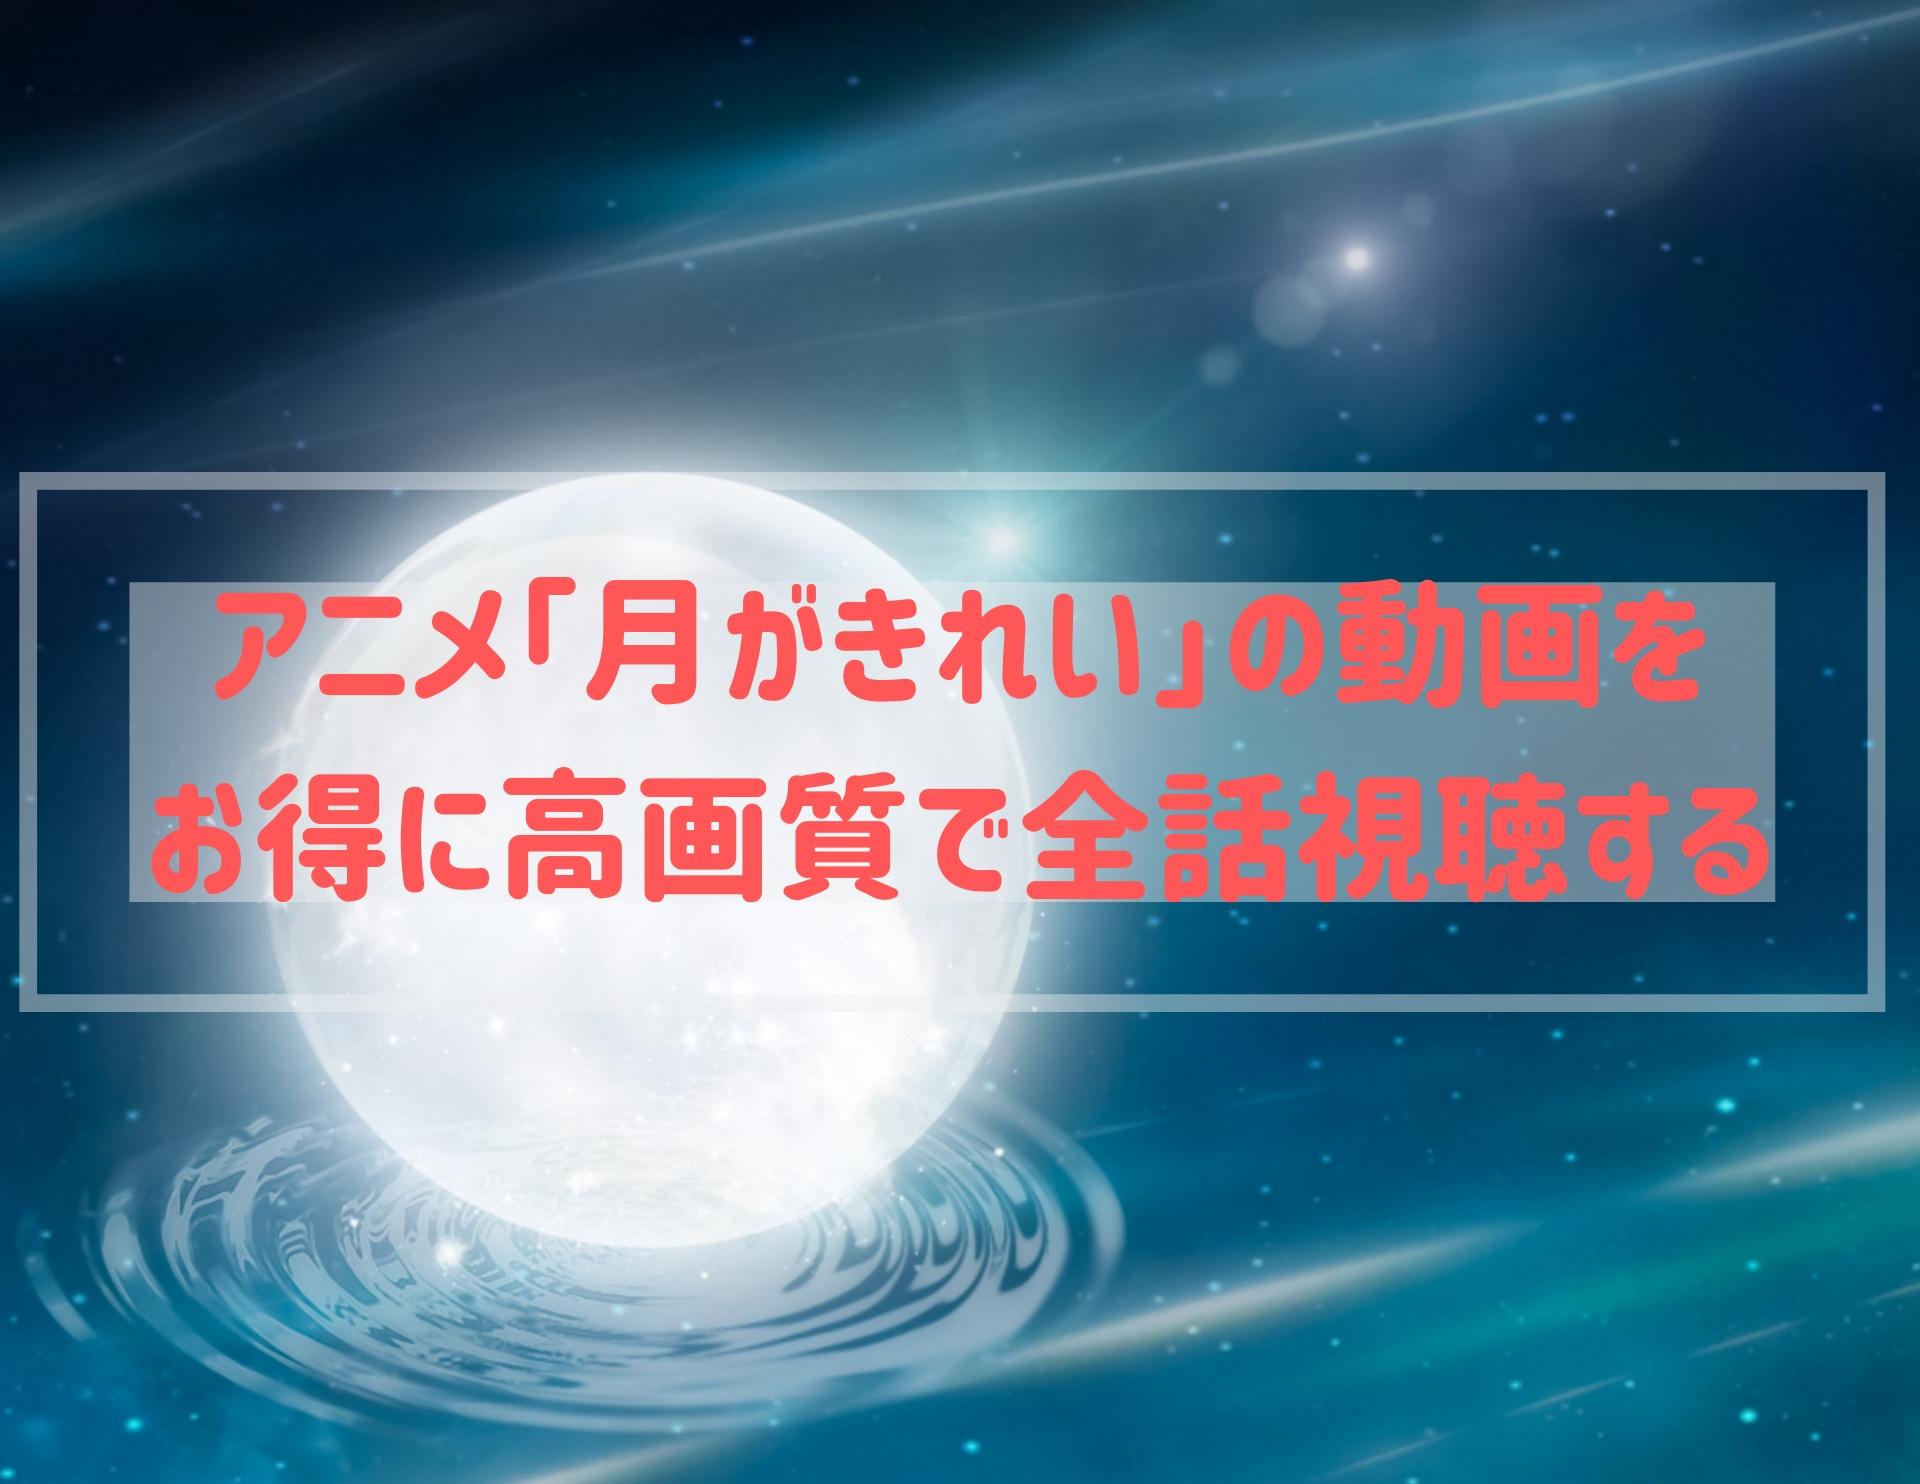 アニメ「月がきれい」の動画を お得に高画質で全話視聴する【無料もあり】